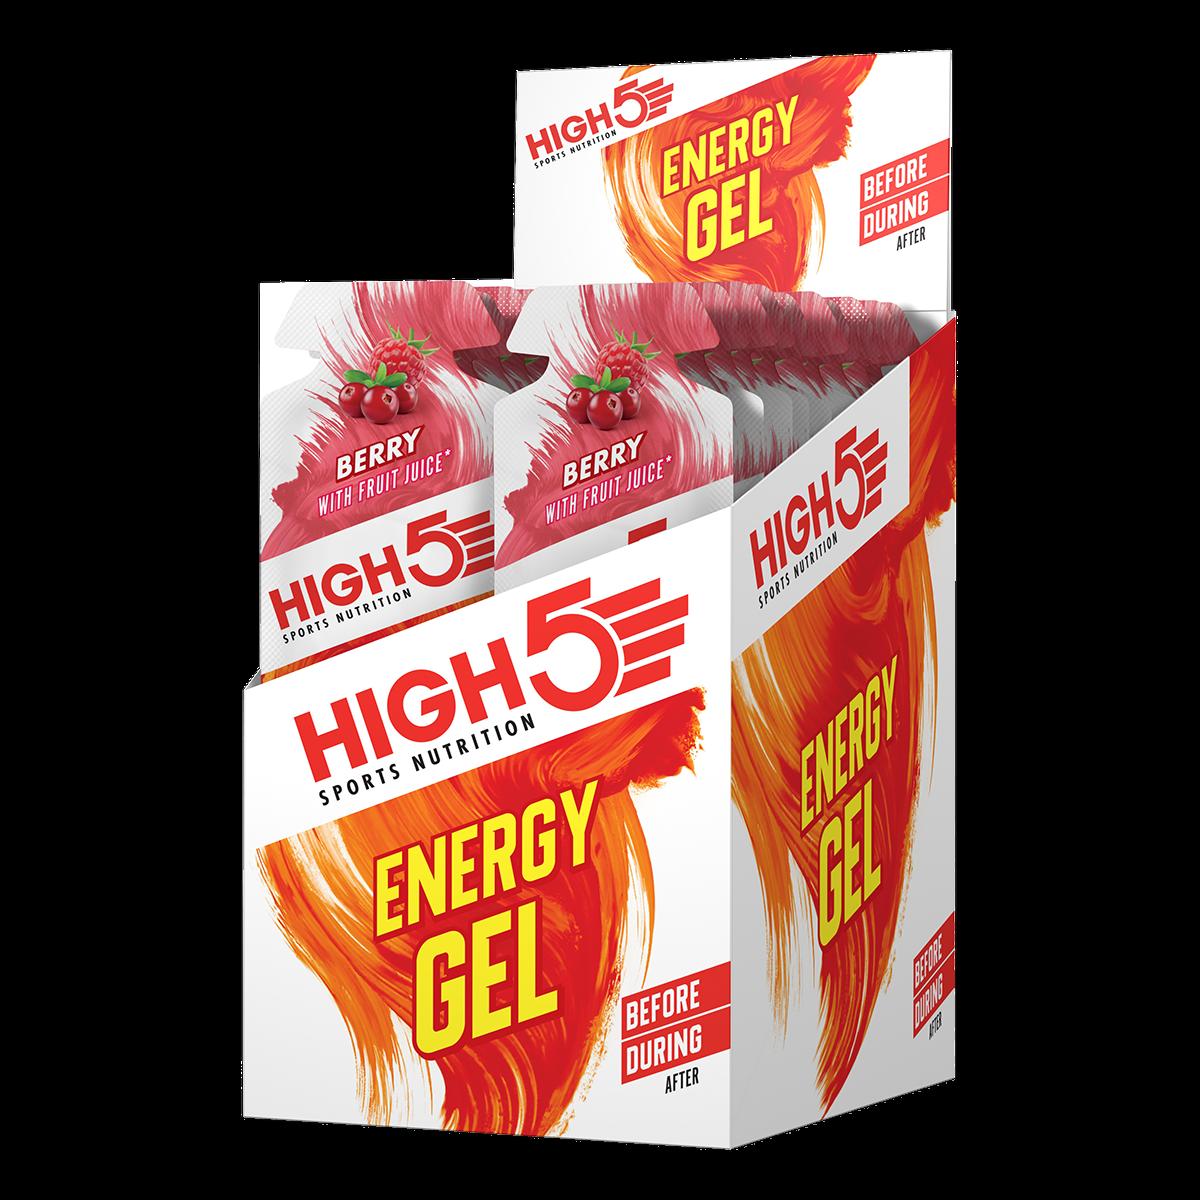 High5 Energy Gels (box of 20) Great Tasting Energy Gels - SAVE 25%